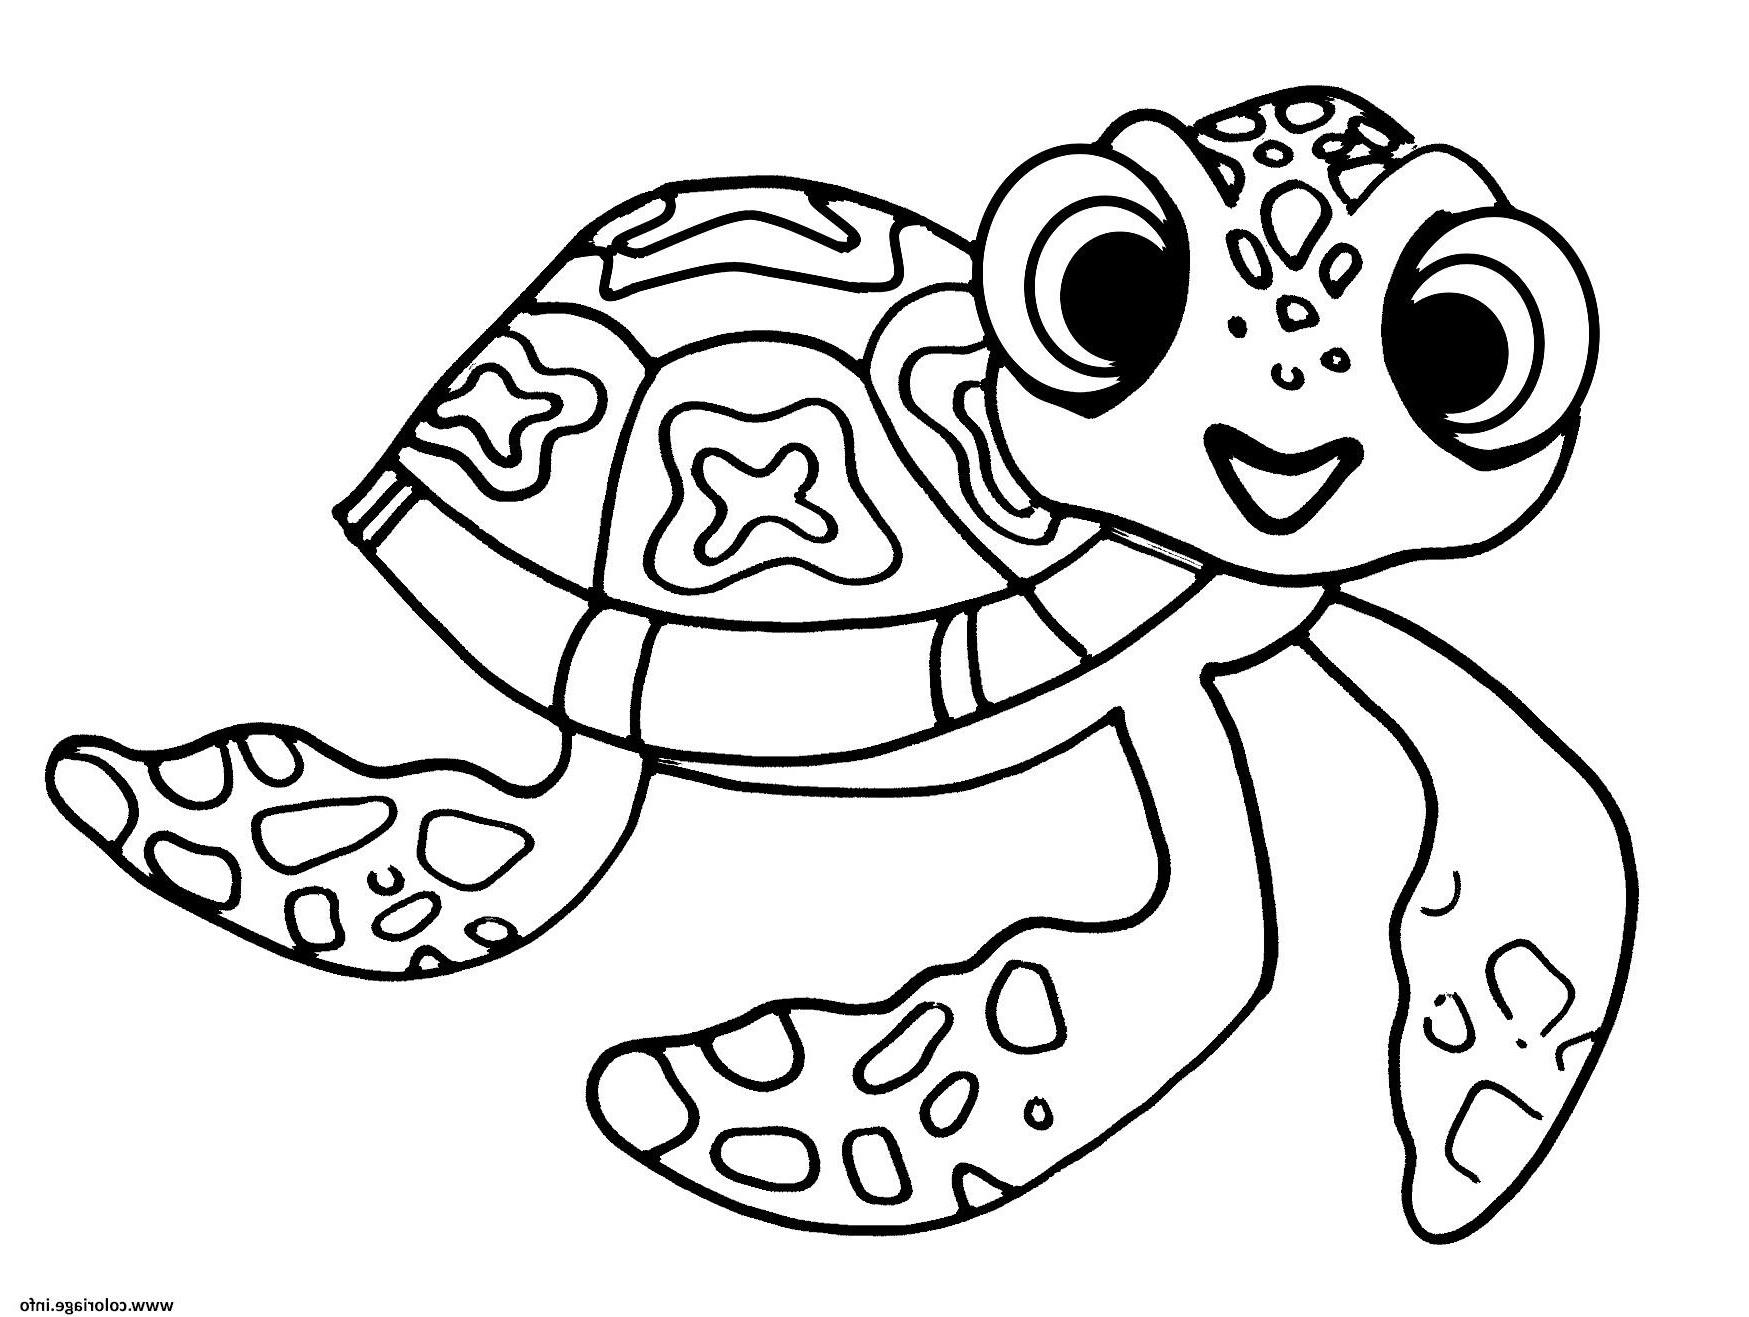 14 Impressionnant De Nemo Dessin Image - Coloriage : Coloriage concernant Coloriage Finding Dory